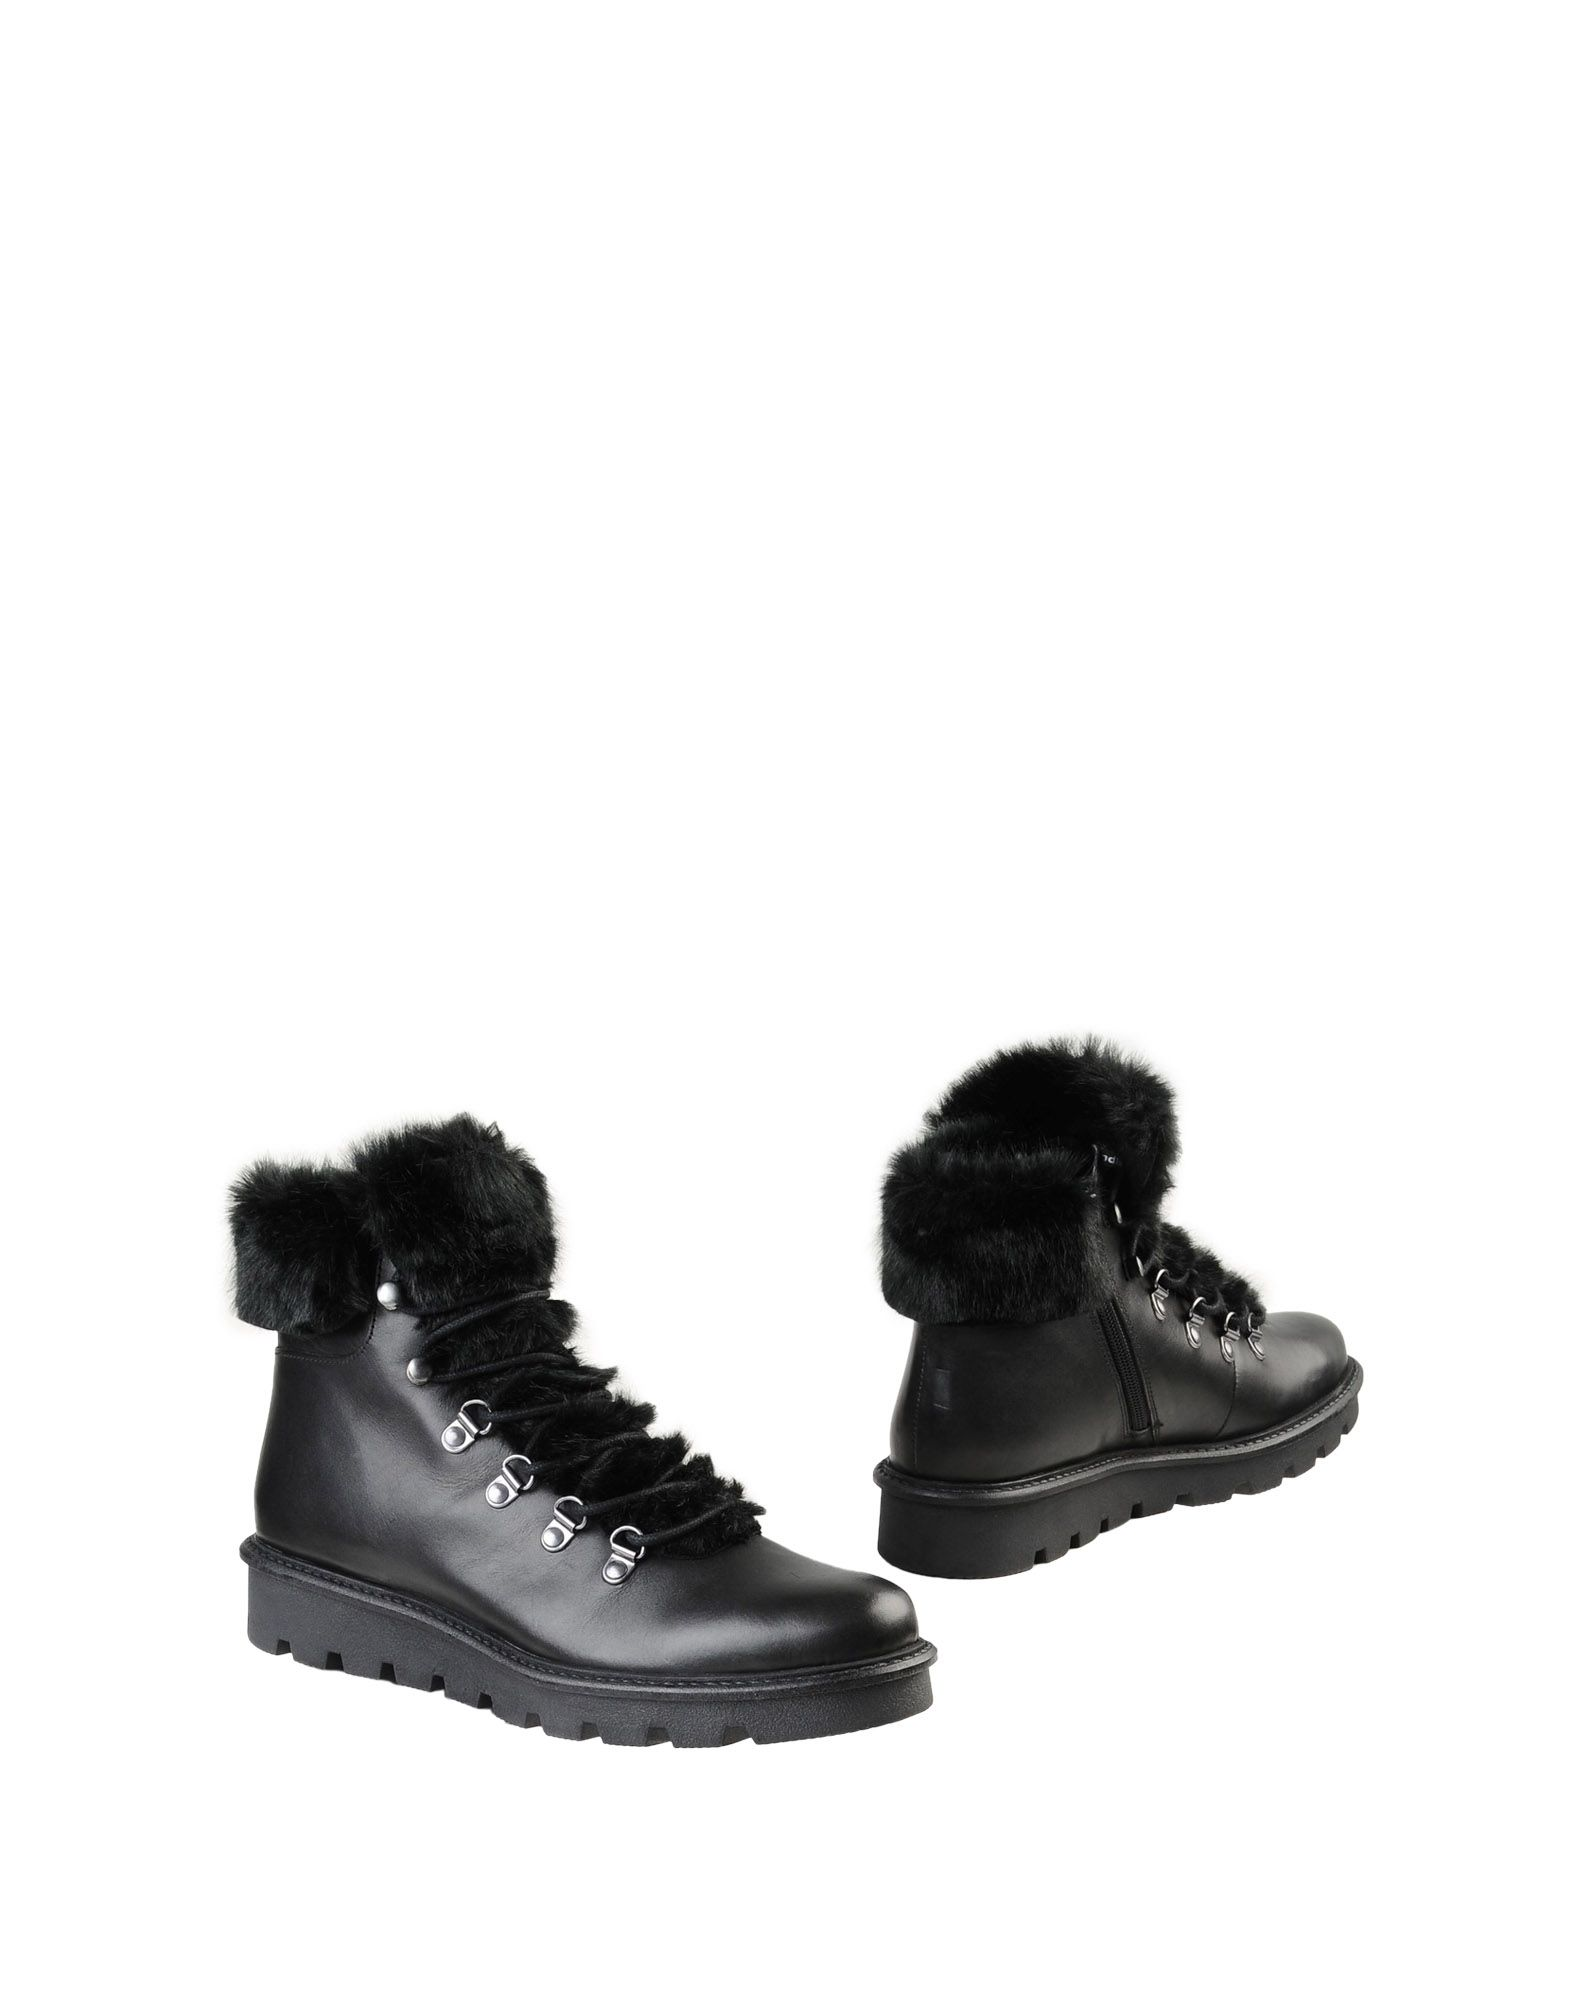 George J. Love Stiefelette Damen  beliebte 11540608DC Gute Qualität beliebte  Schuhe 5453ac